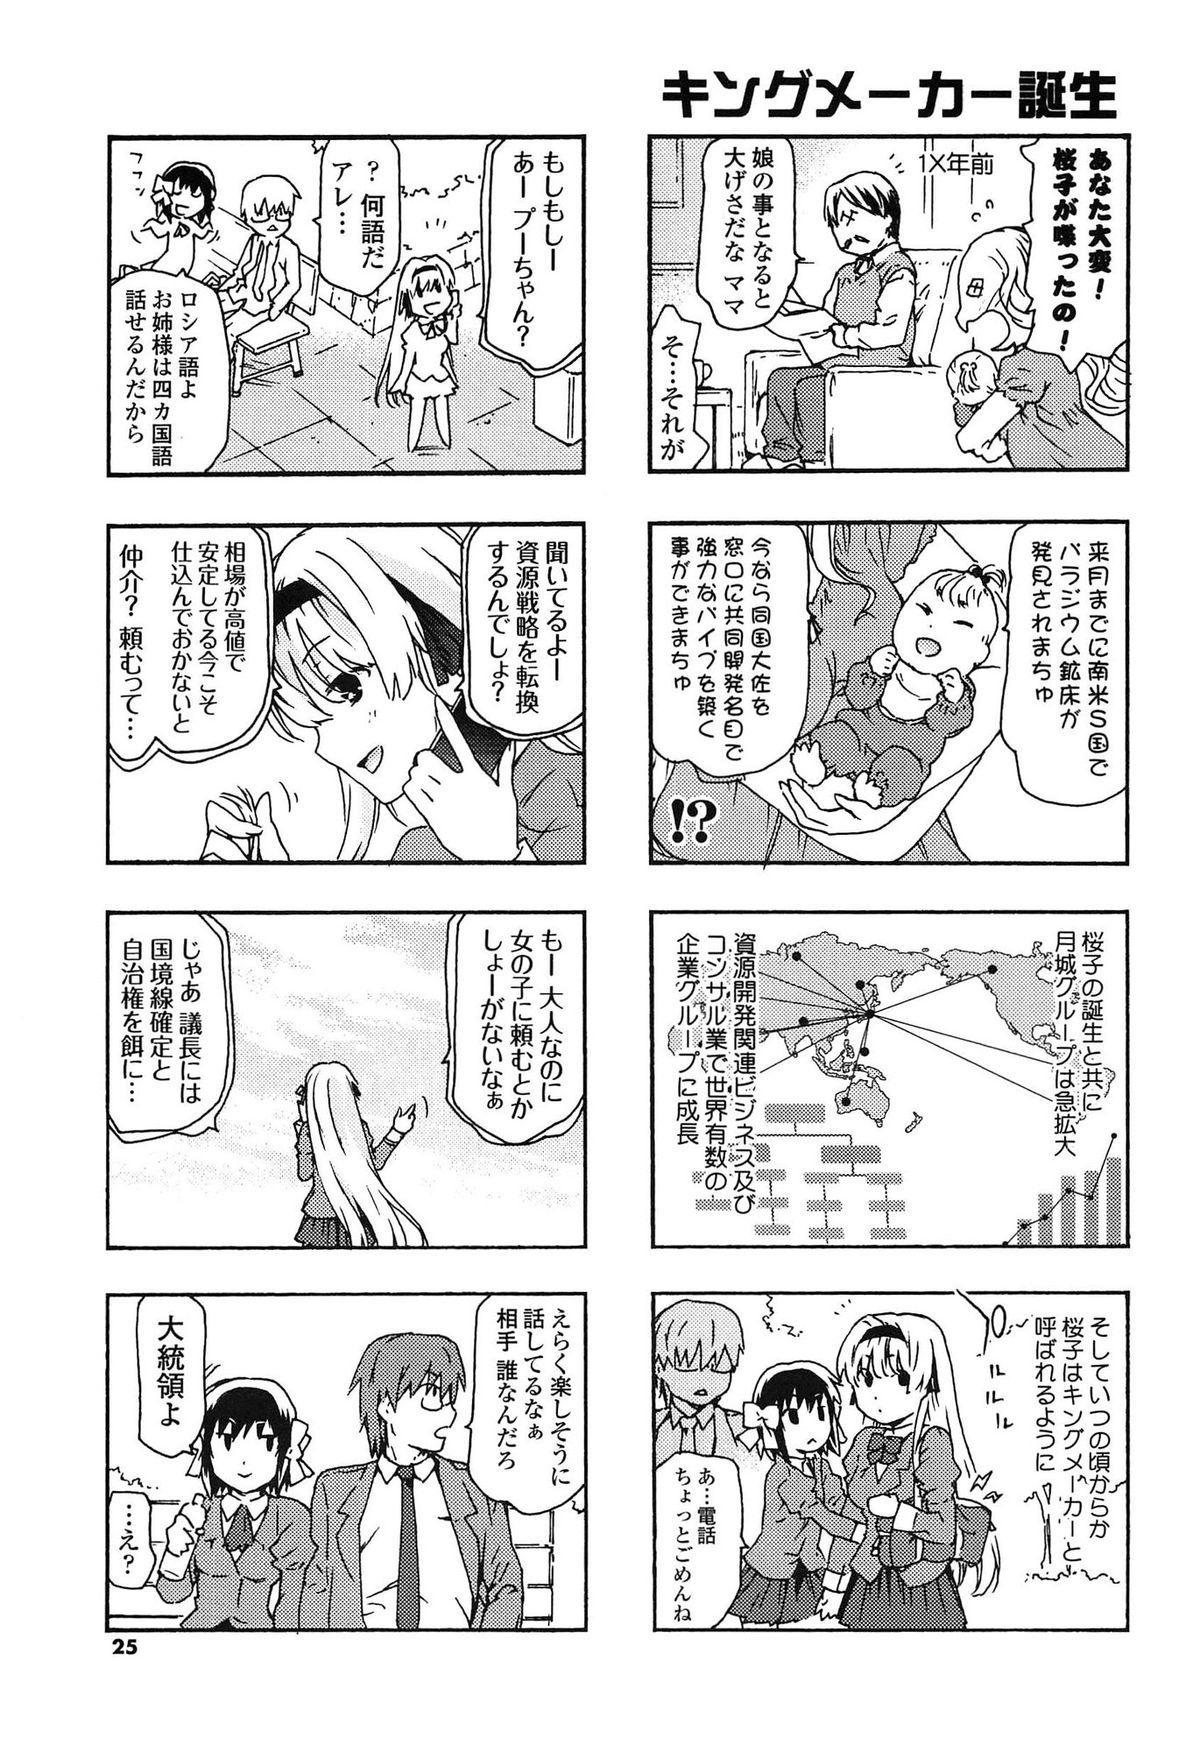 Ano Subarashii Nakadashi wo Nidosando 23